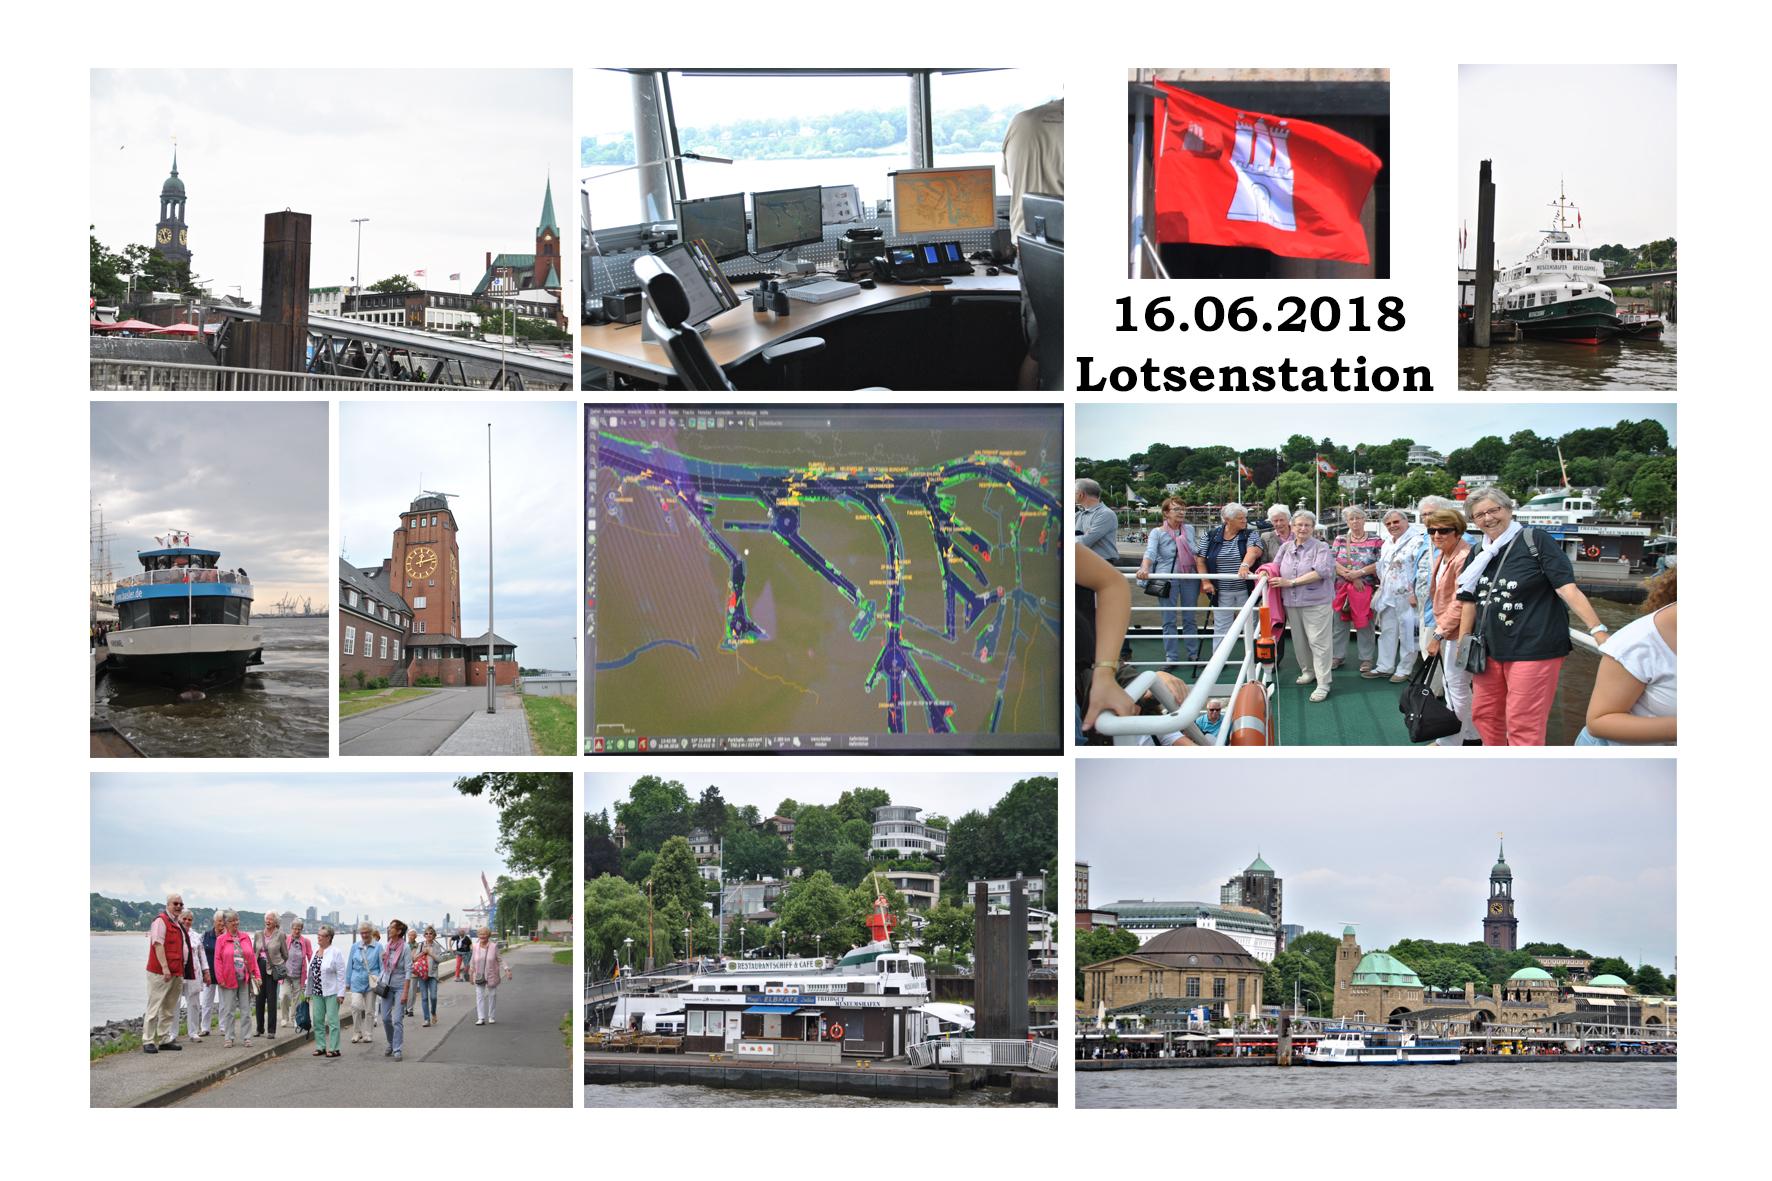 NeNo/Glashütte 2: Lotsenstation, 16.06.2018 (Fotos: Tom)